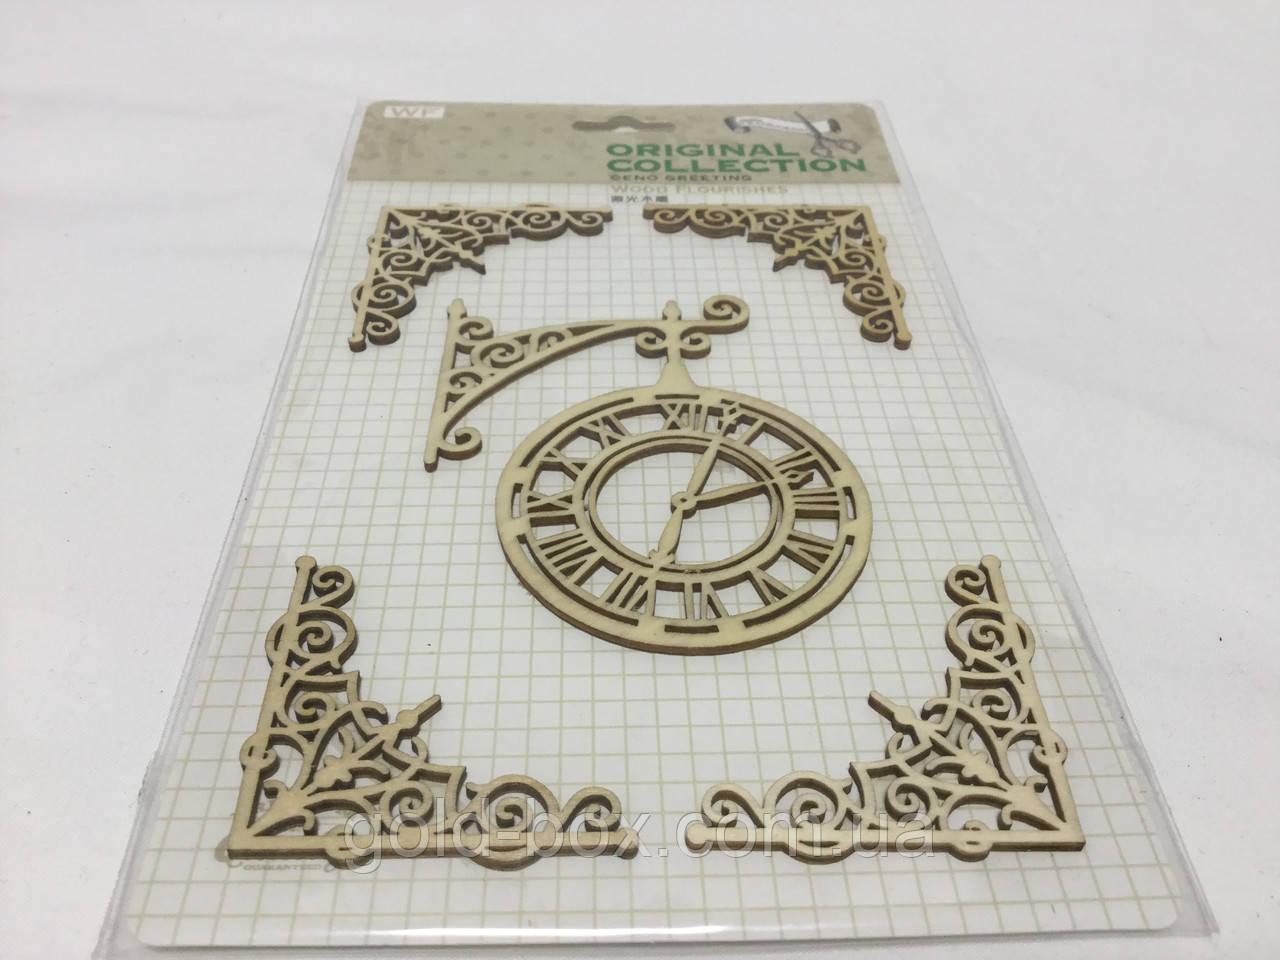 Декор для скрапбукинга часы, дерево, рамки